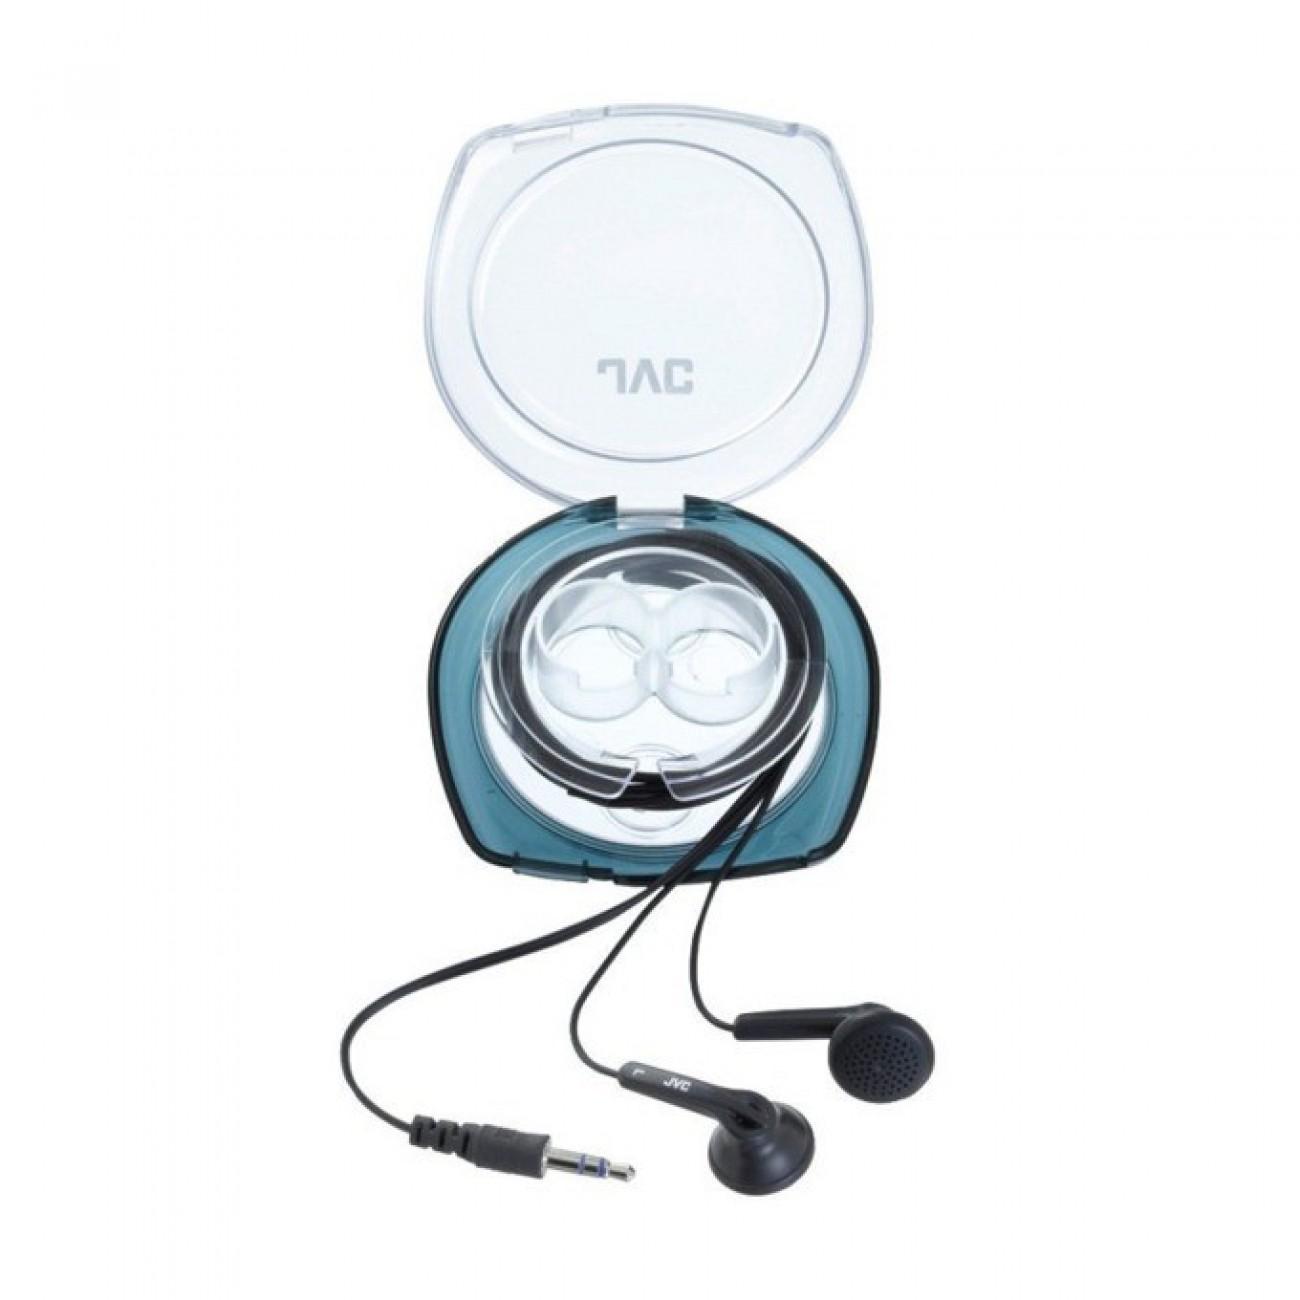 Слушалки JVC HA-F10C, тип тапи, мощен бас, 1.2м кабел, черни в Слушалки -  | Alleop